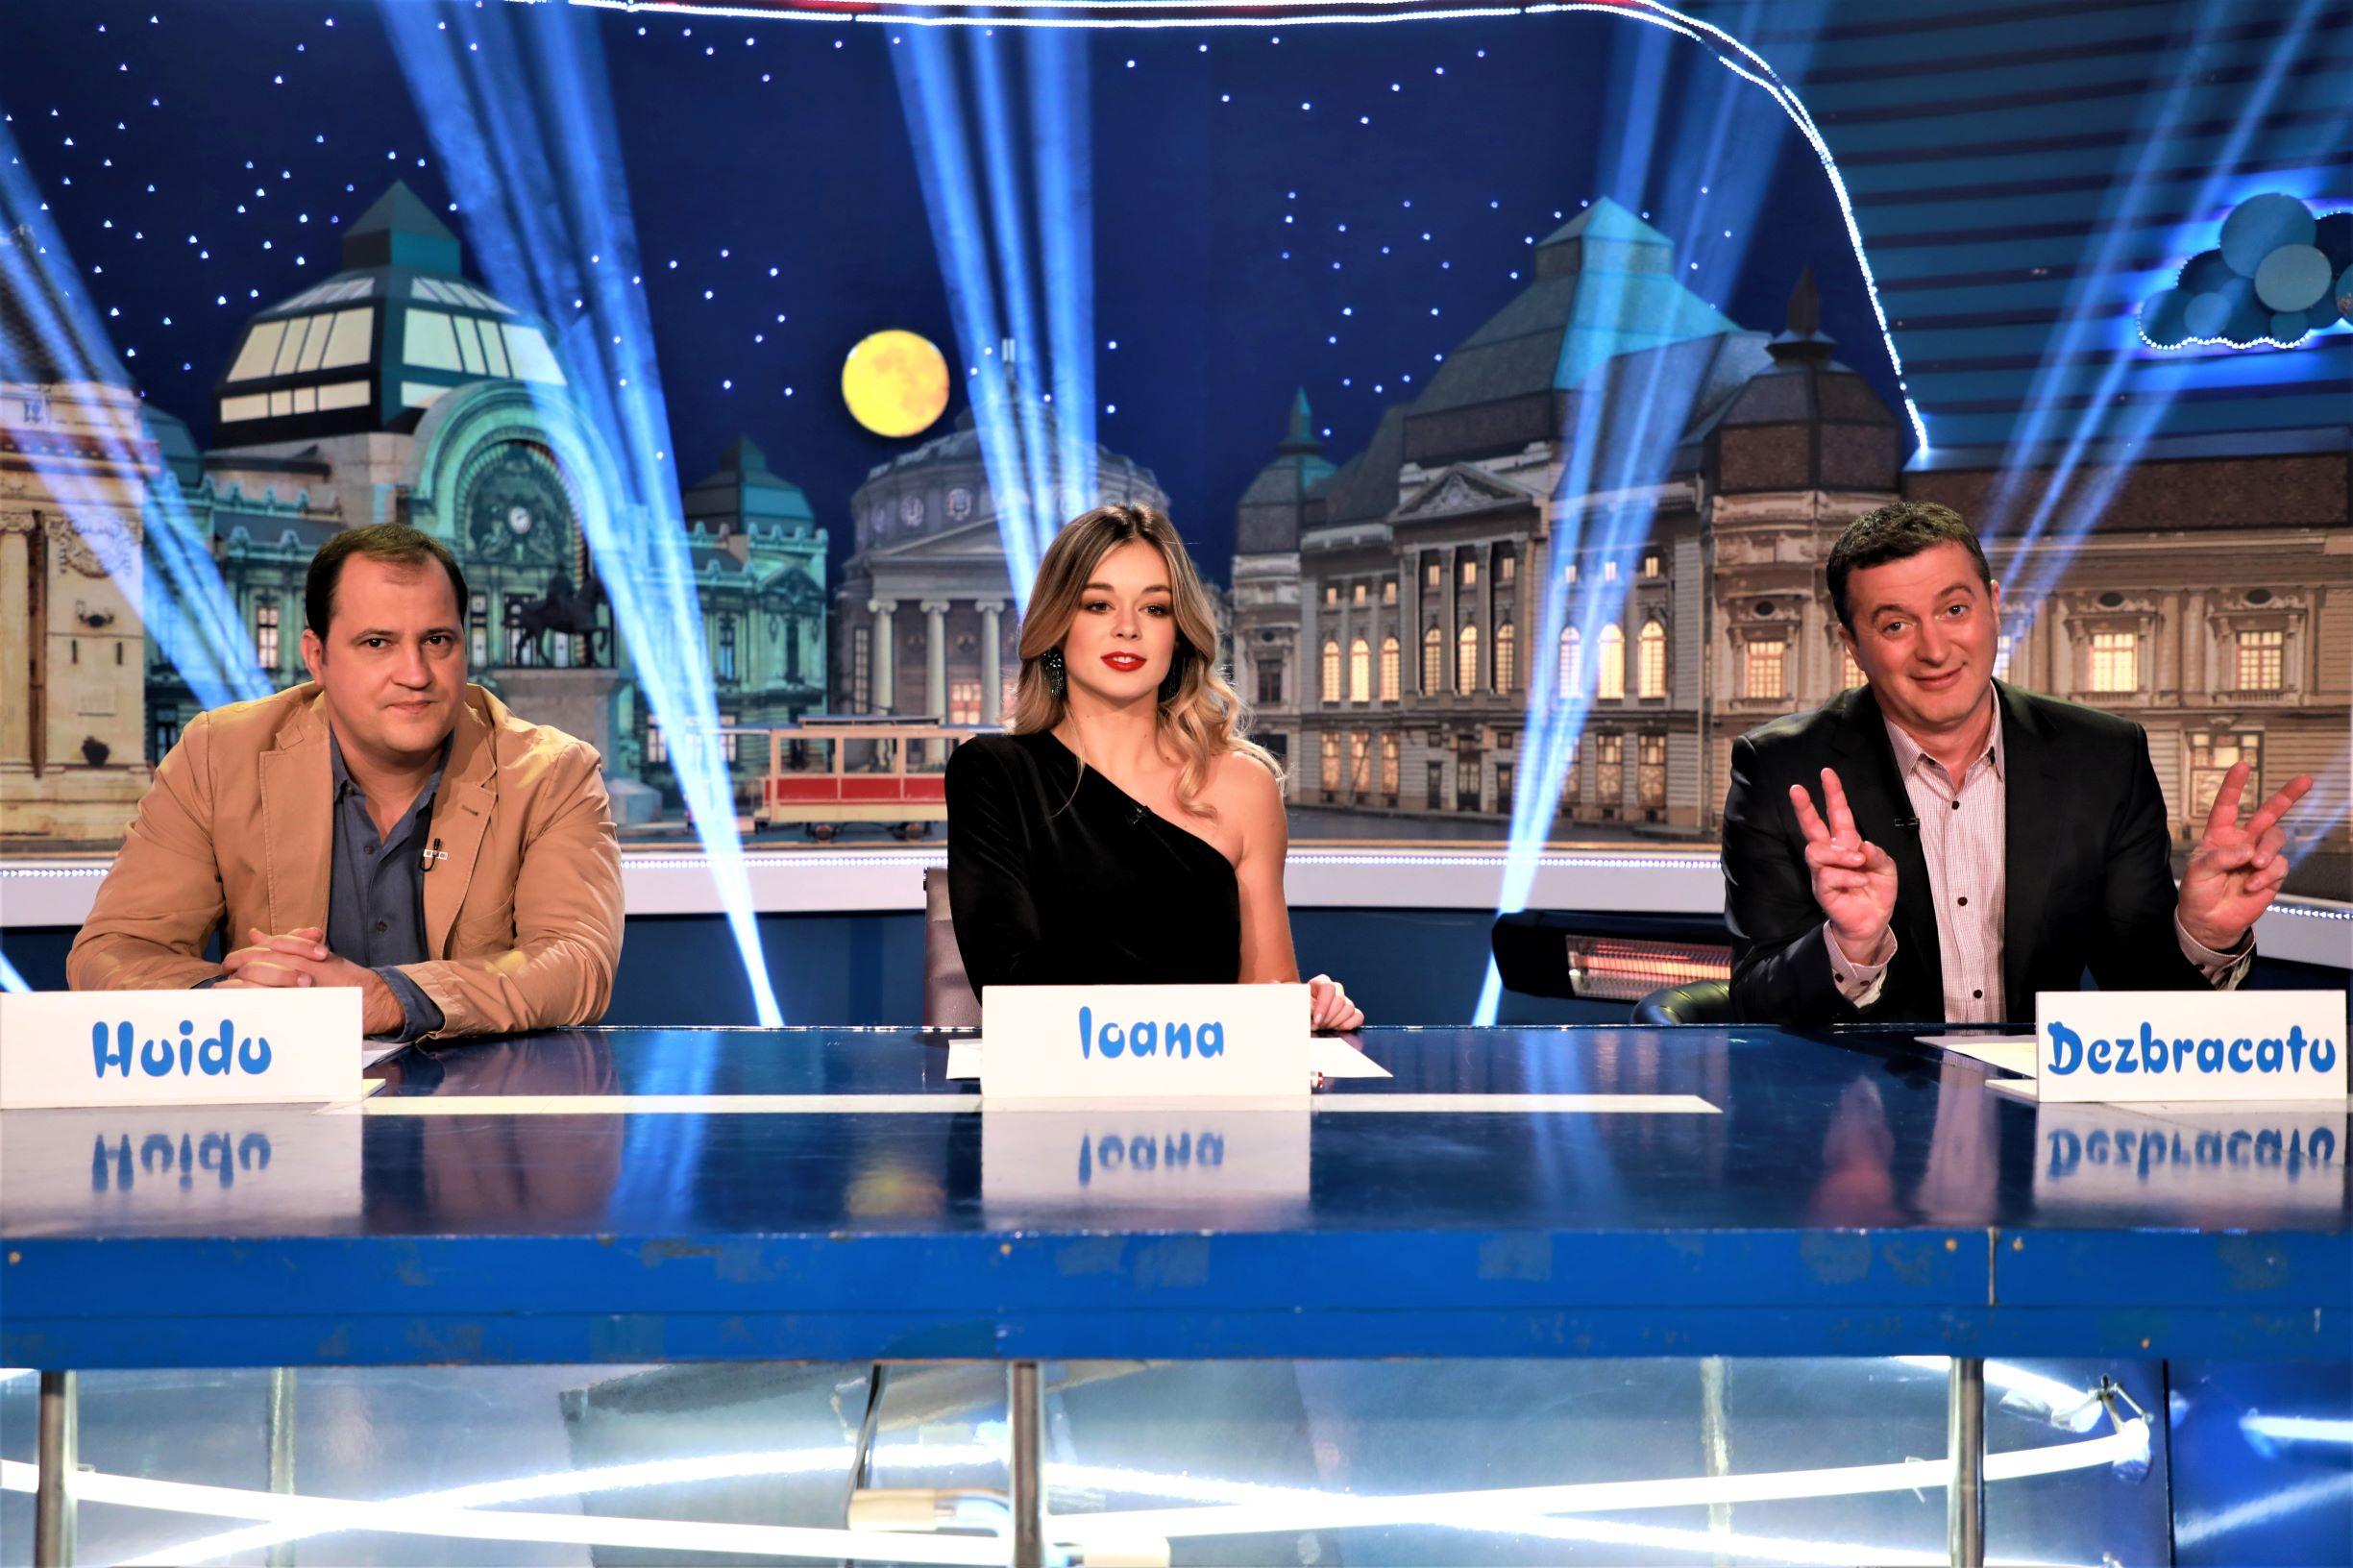 Cronica Cârcotașilor a ajuns la finalul celui mai lung sezon din istoria emisiunii